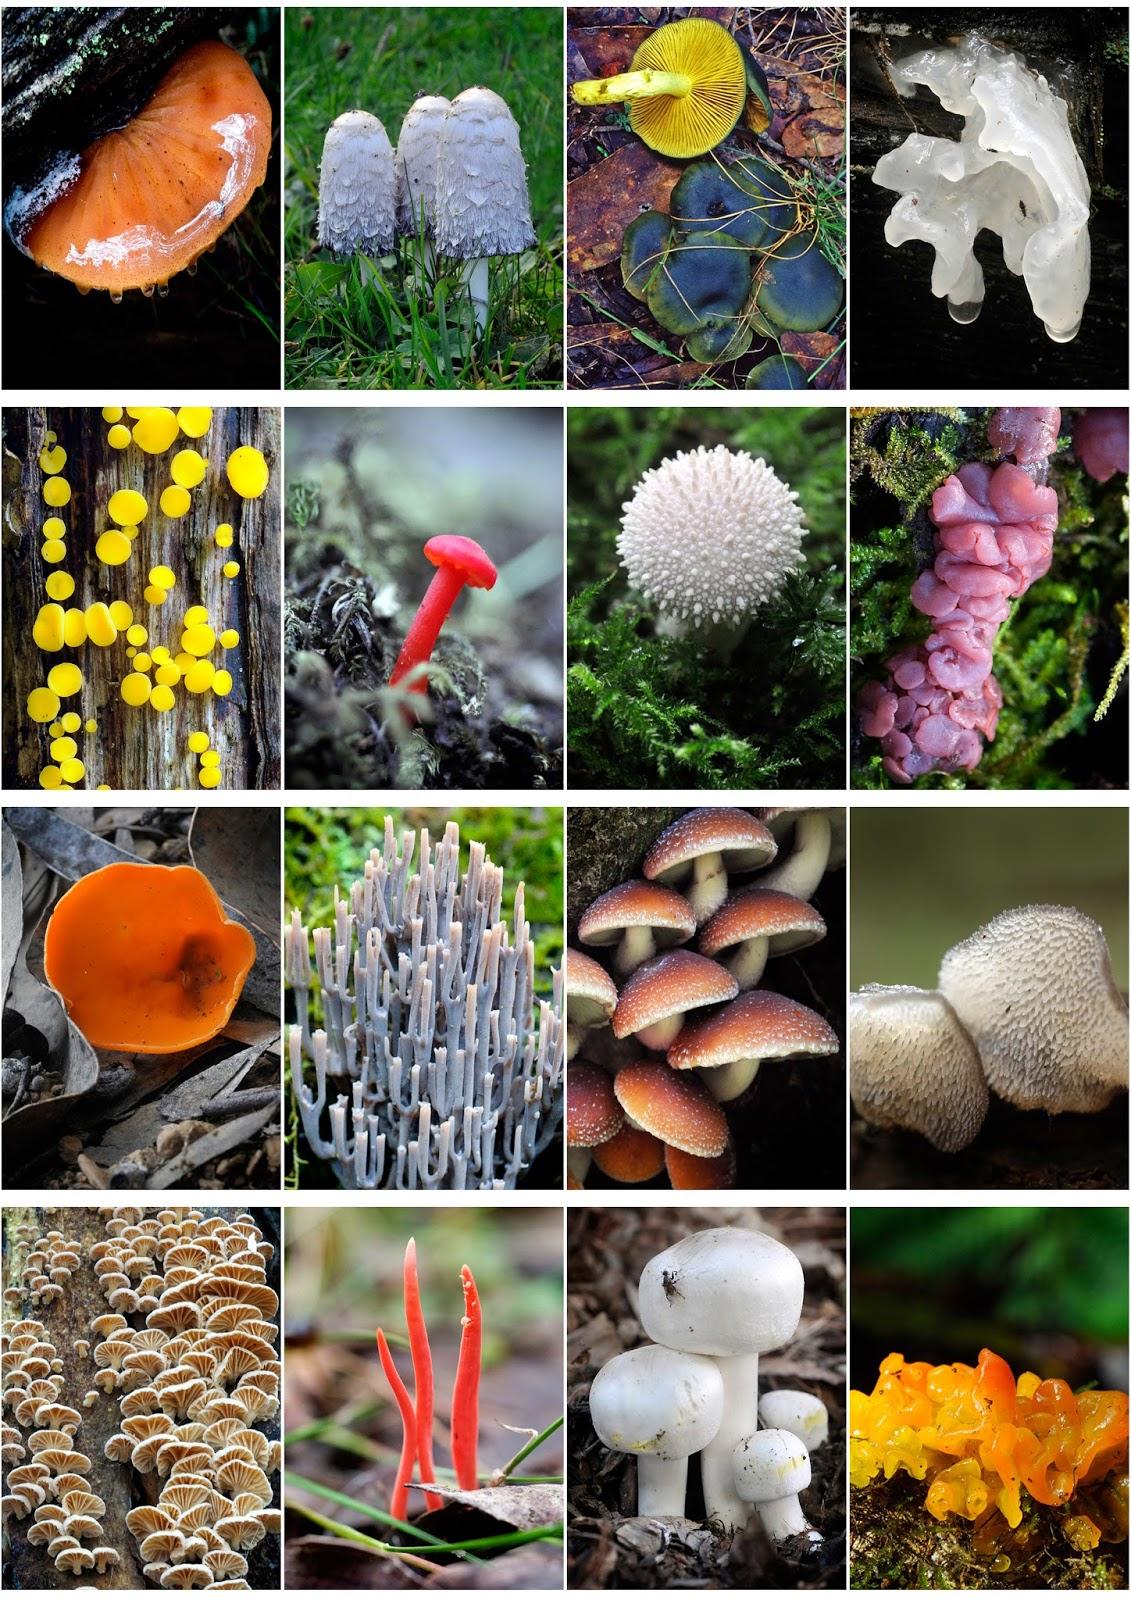 5  Fungi  Te Ara Encyclopedia of New Zealand